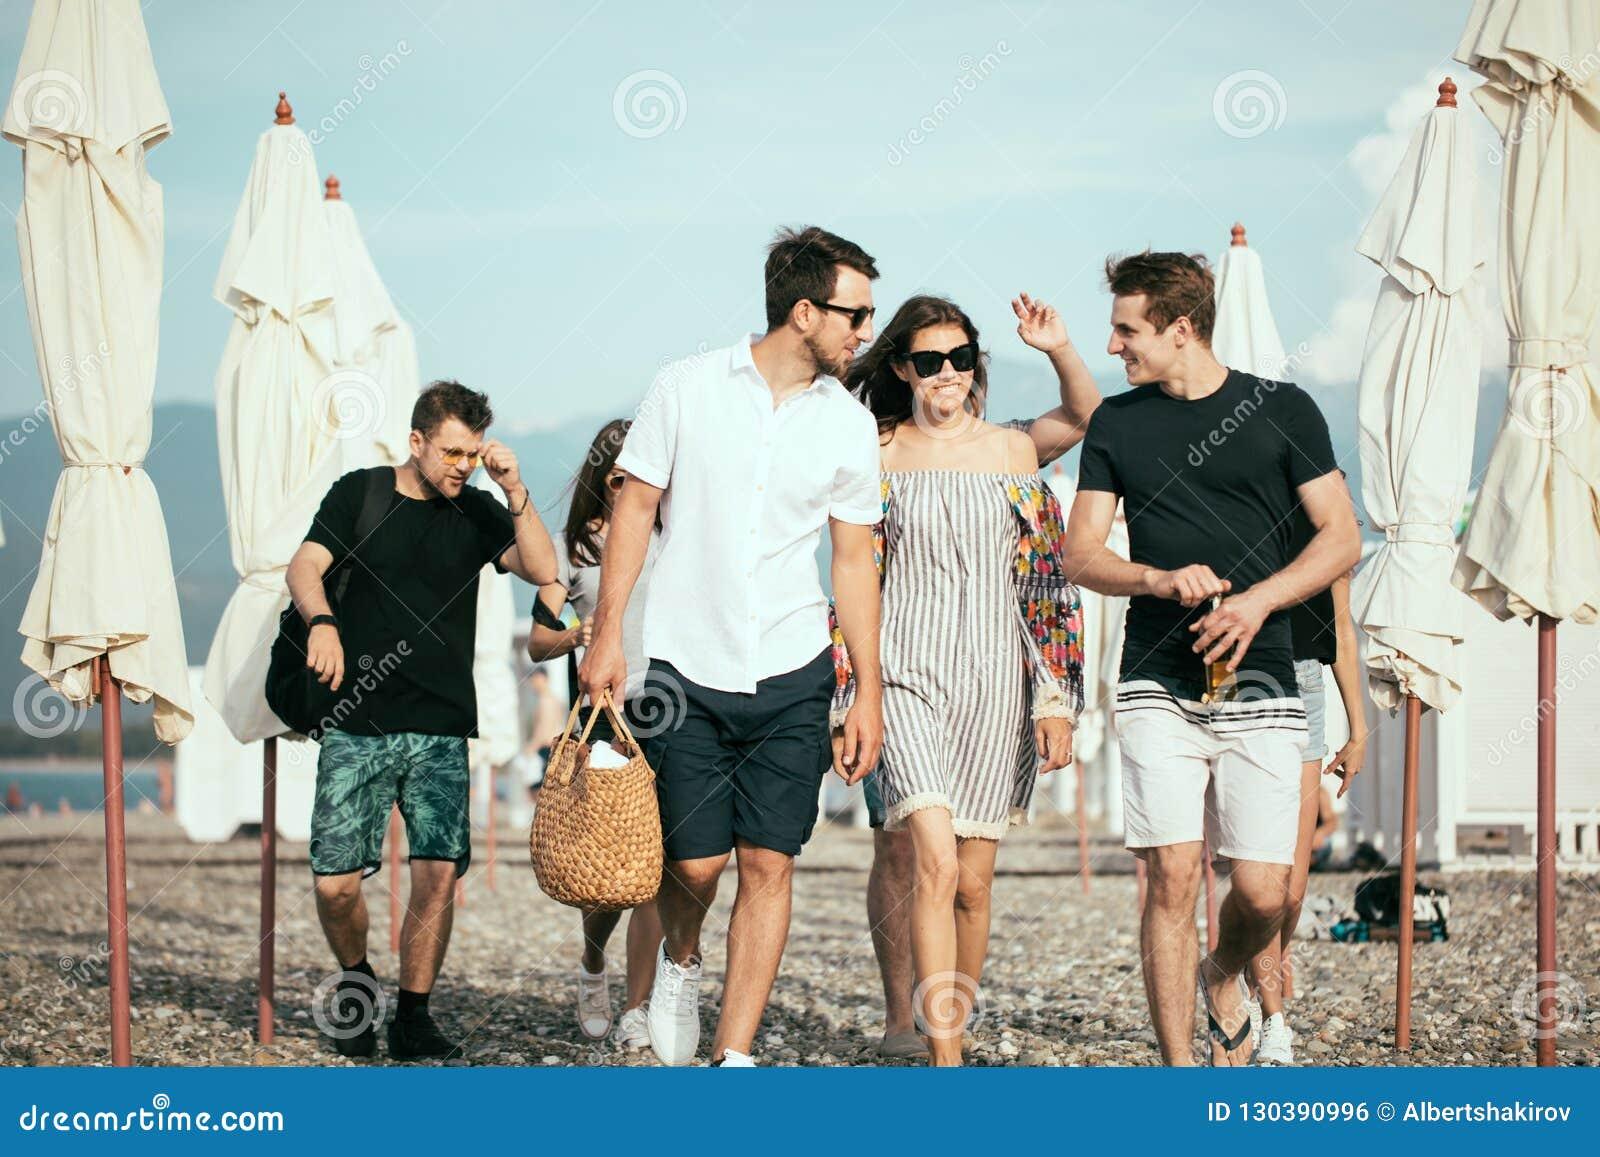 假日,假期 获得小组的朋友在海滩,走,饮料啤酒,微笑和拥抱的乐趣